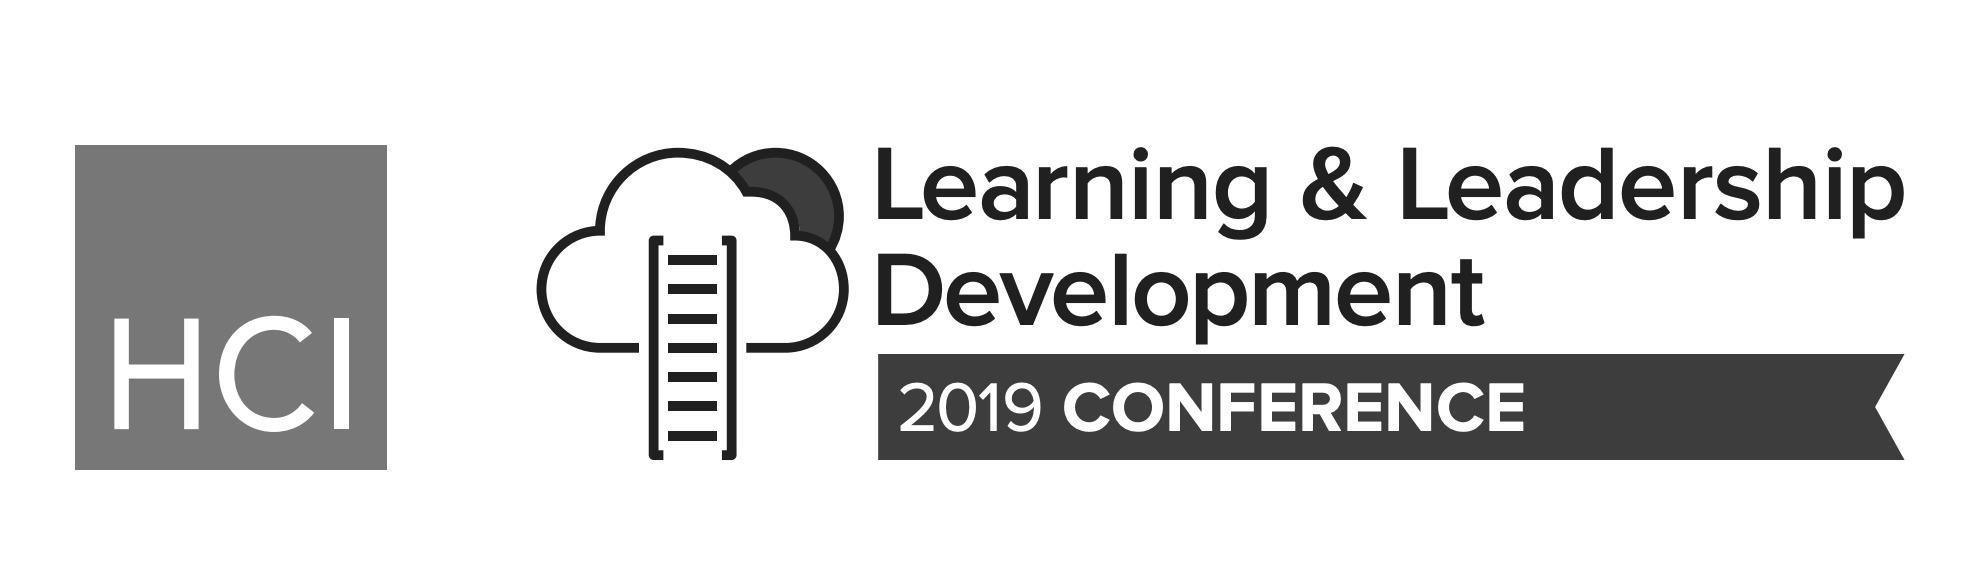 September 10-12: HCI Learning & Leadership Development